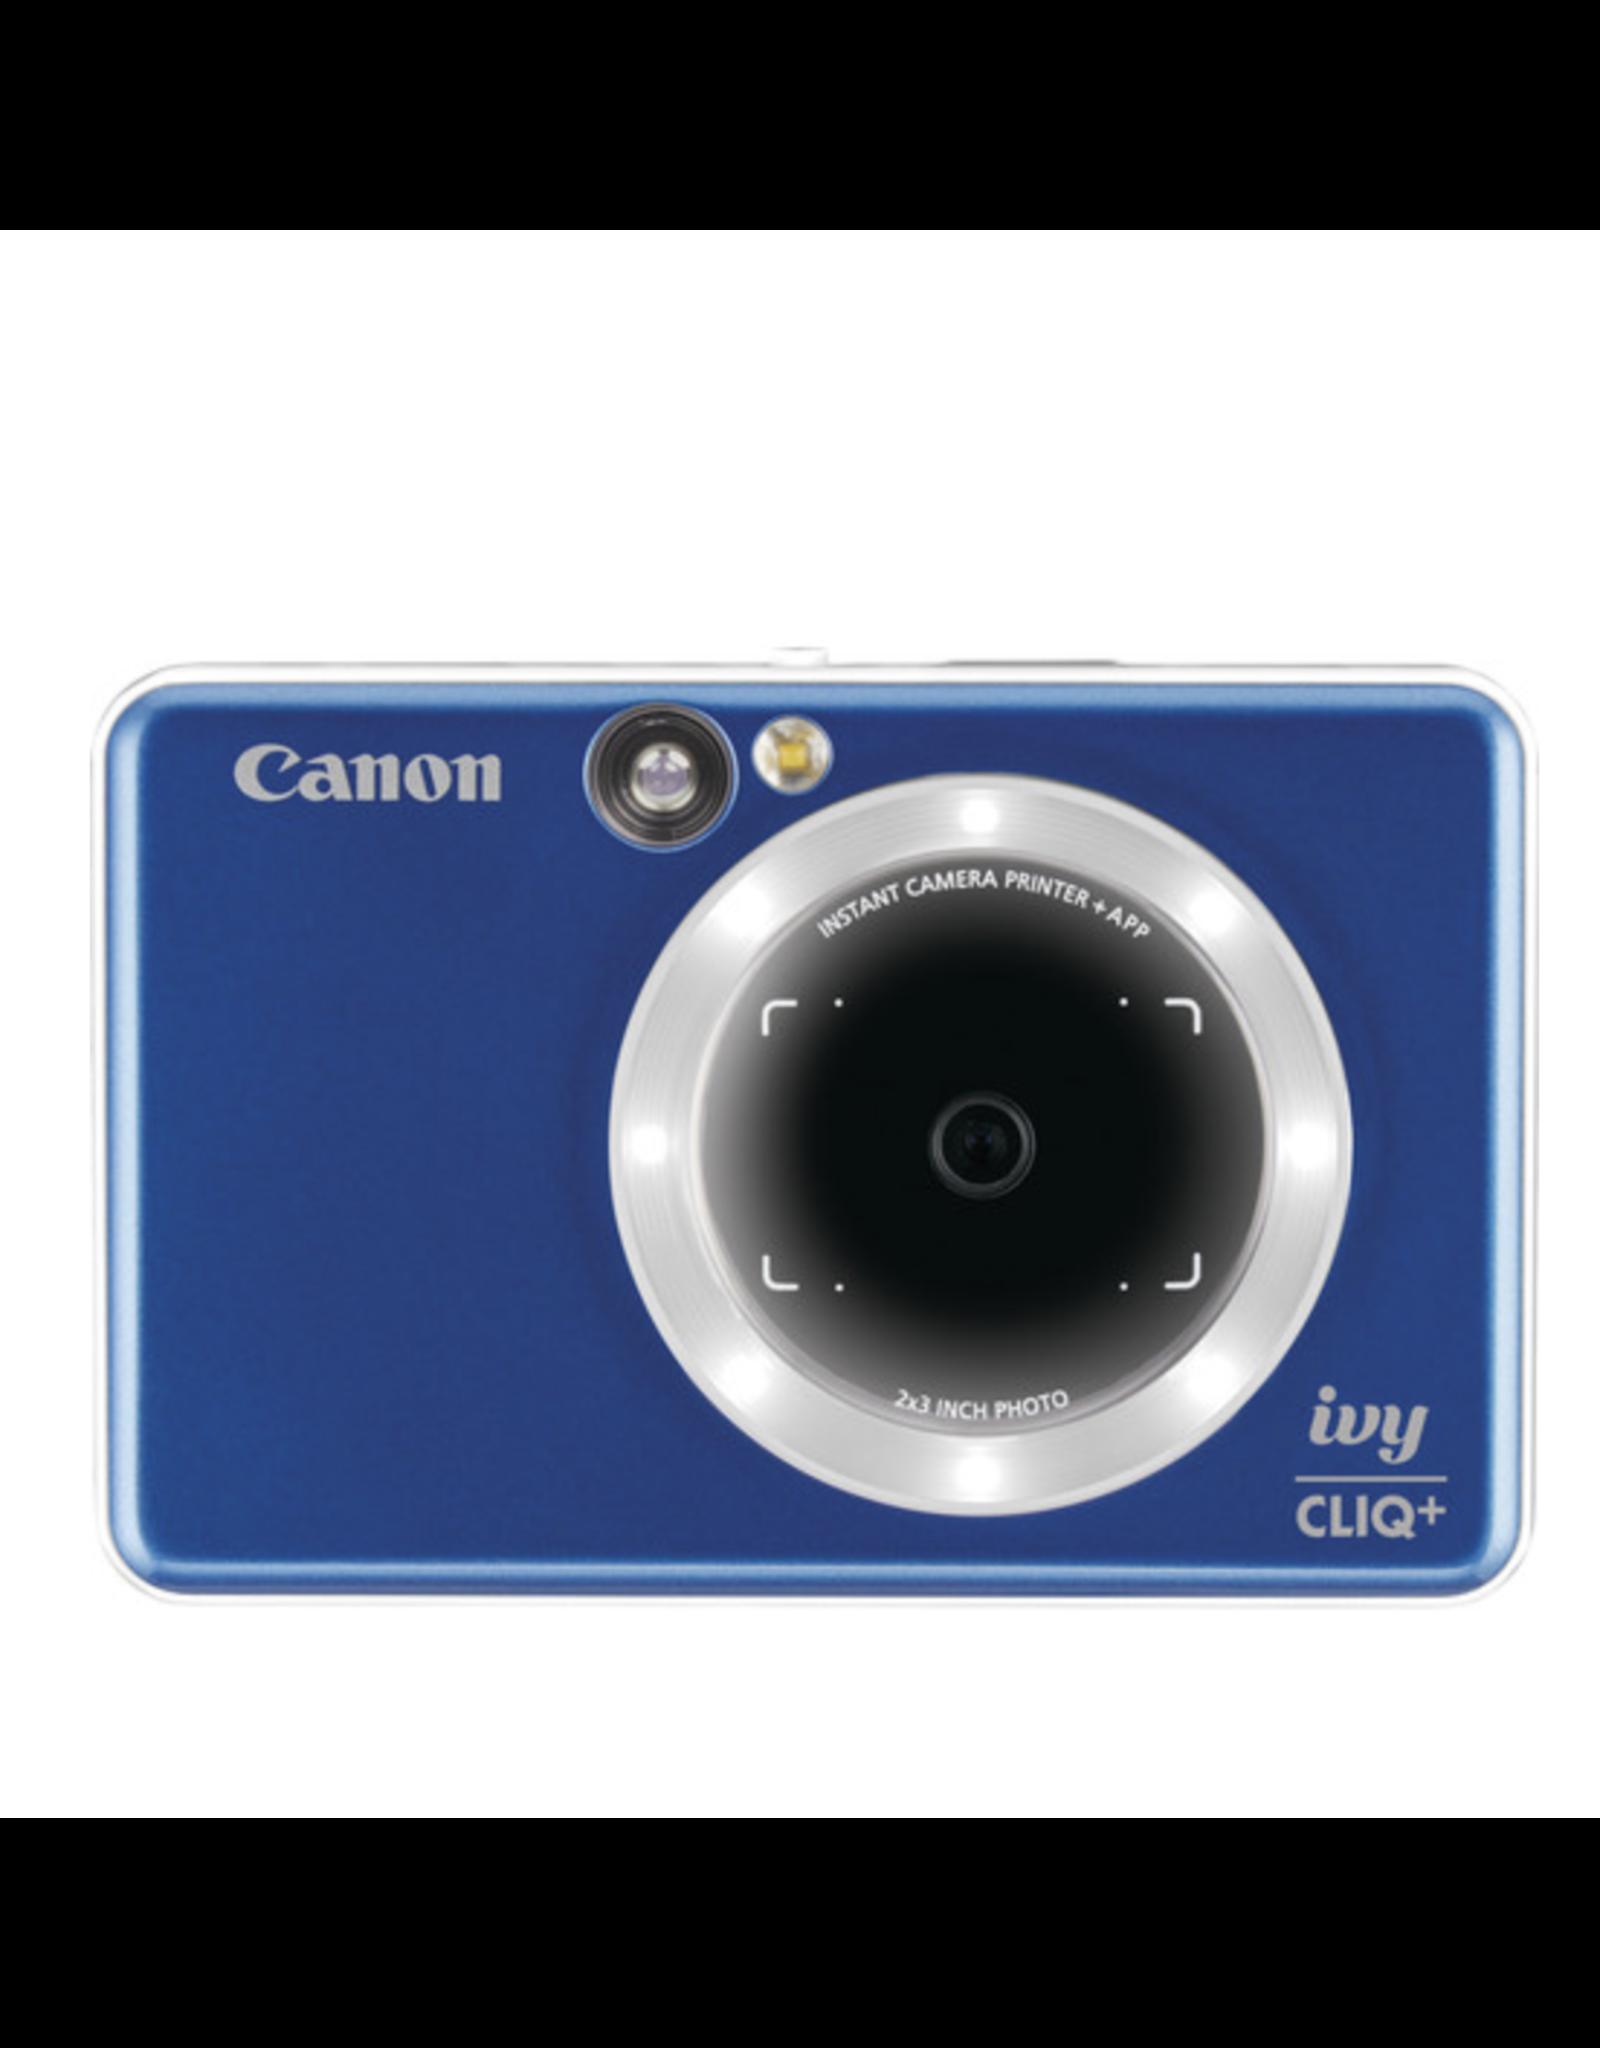 Canon Canon IVY CLIQ+ Instant Camera Printer (Sapphire Blue)